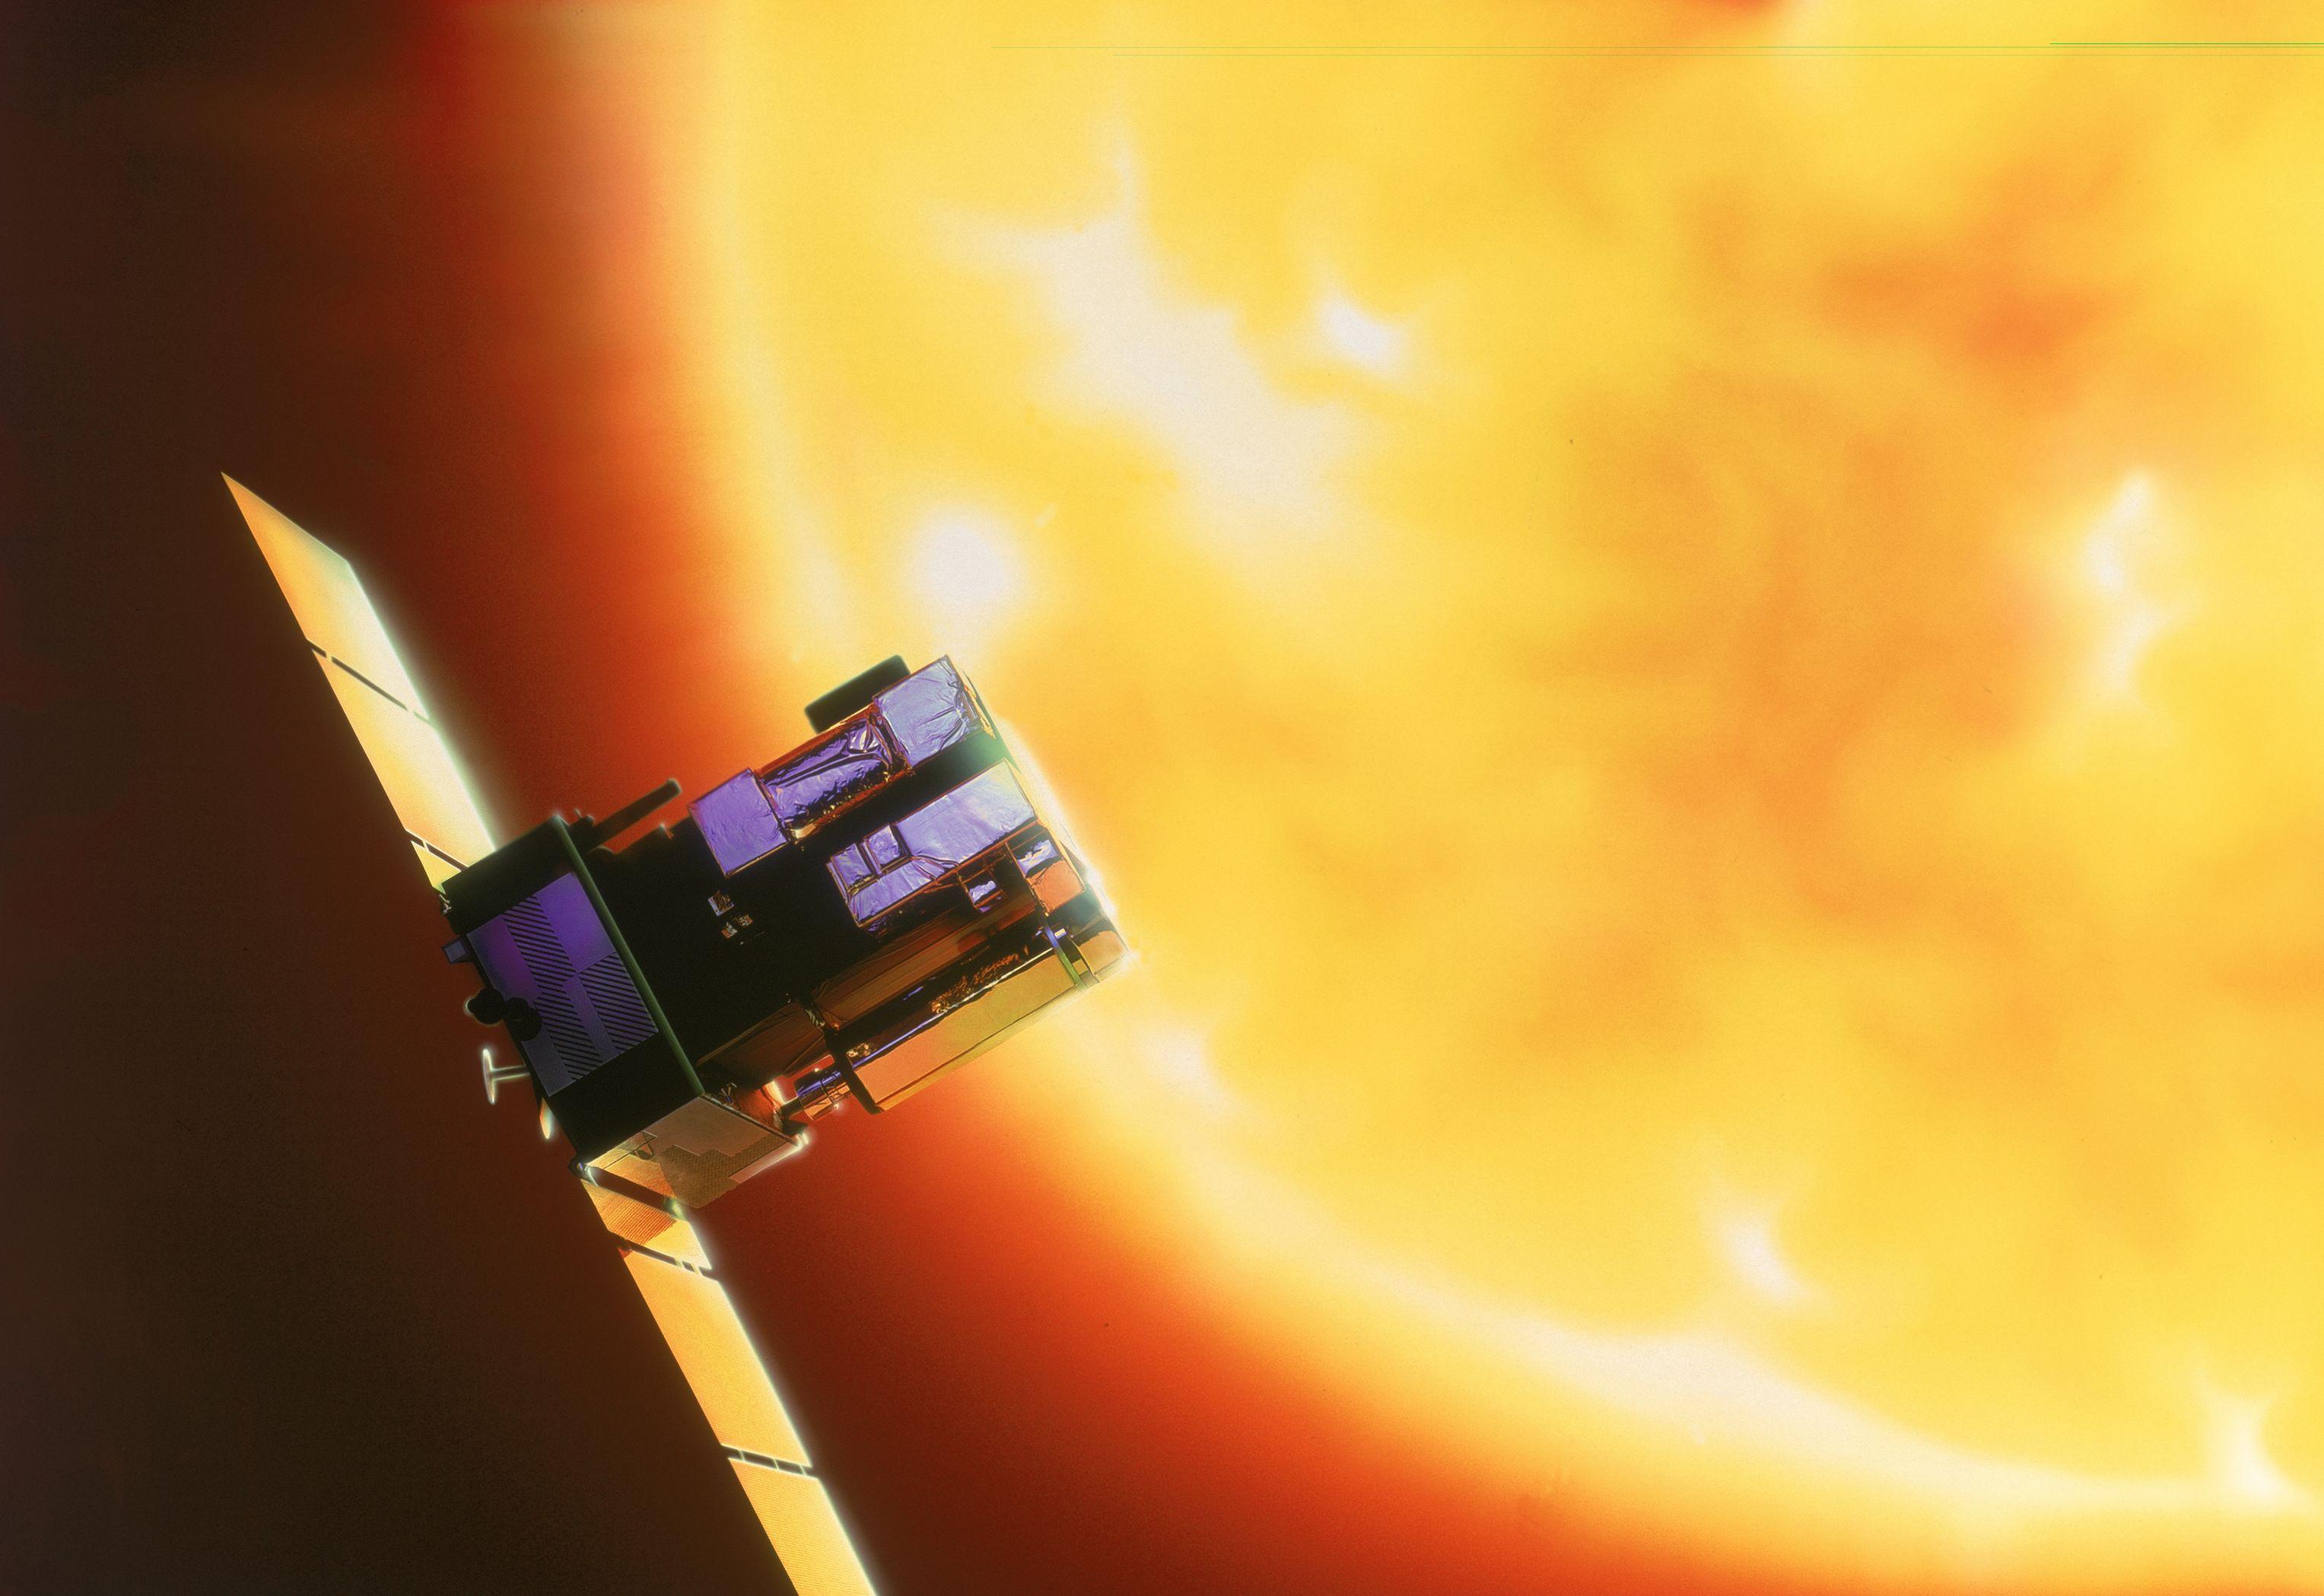 APOD: 2005 November 9 - A Solar Prominence from SOHO